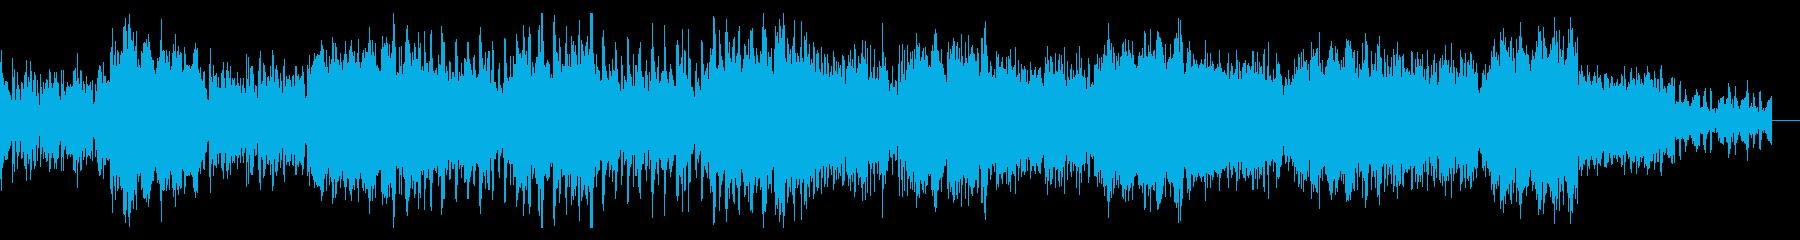 焦燥感のあるシネマティックBGMの再生済みの波形